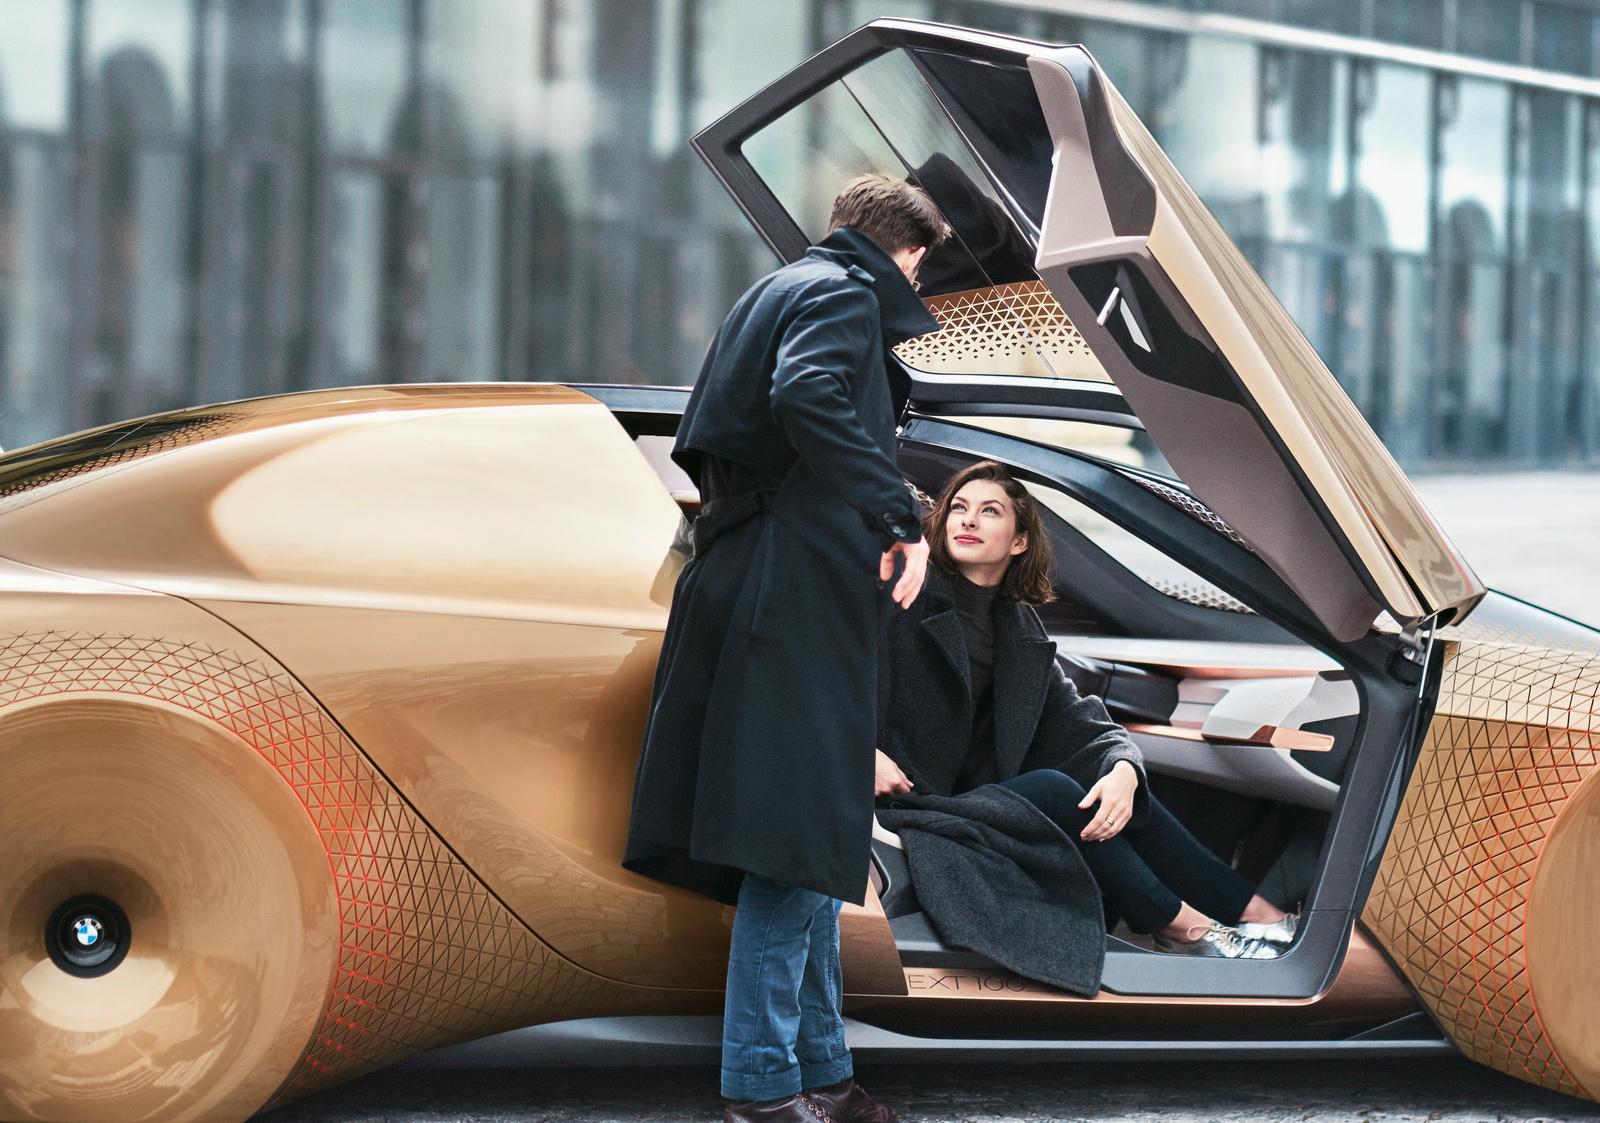 2016-BMWVision100-04.jpg